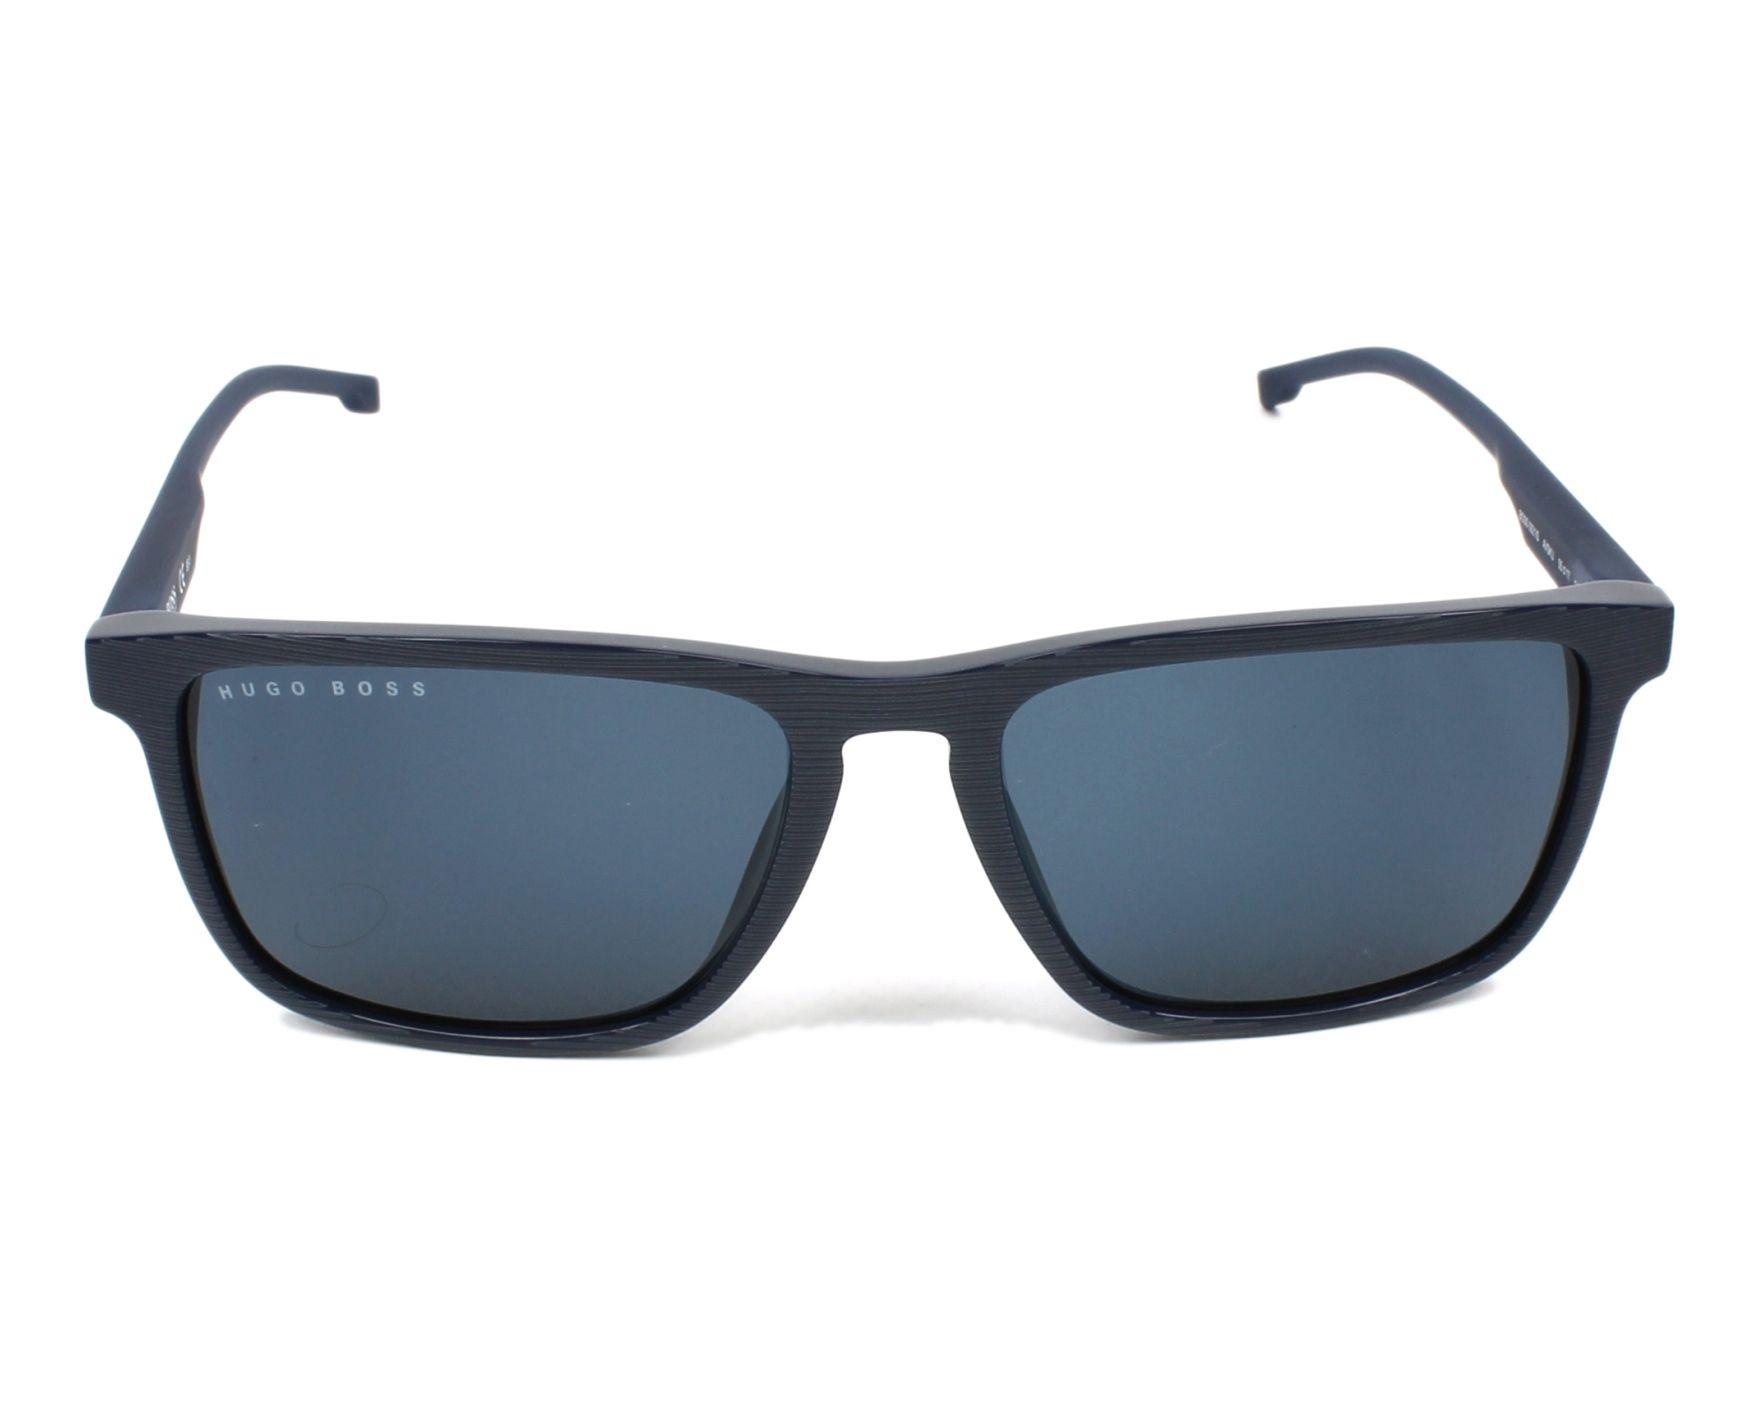 Lunettes de soleil hugo boss boss 0921 s avs ku bleu avec des verres bleu gris - Verre lunette raye assurance ...